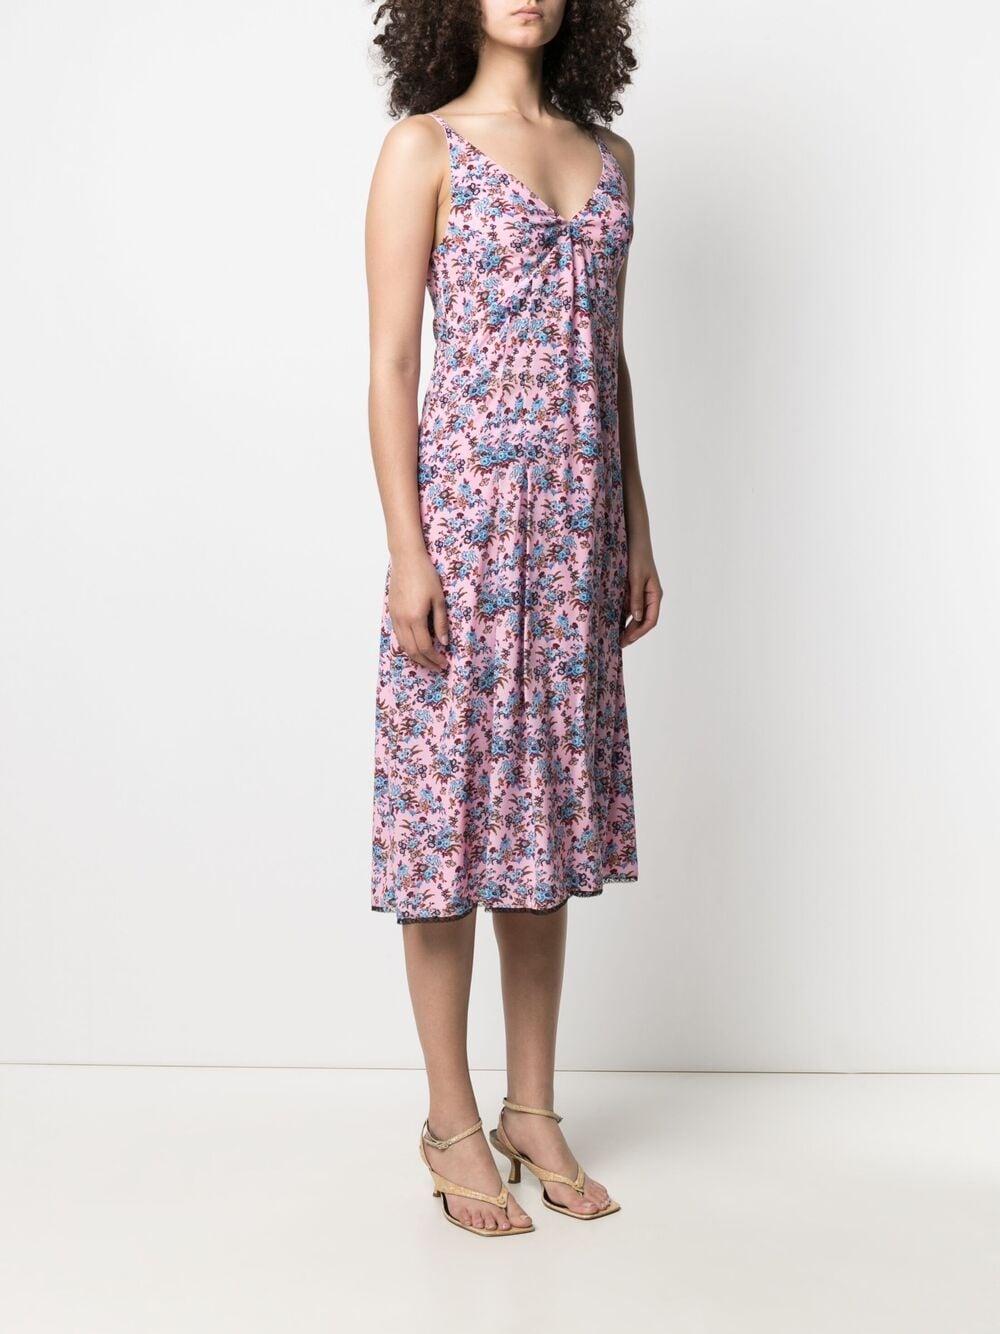 PAUL SMITH   Dress   W1R-425D-F1061720